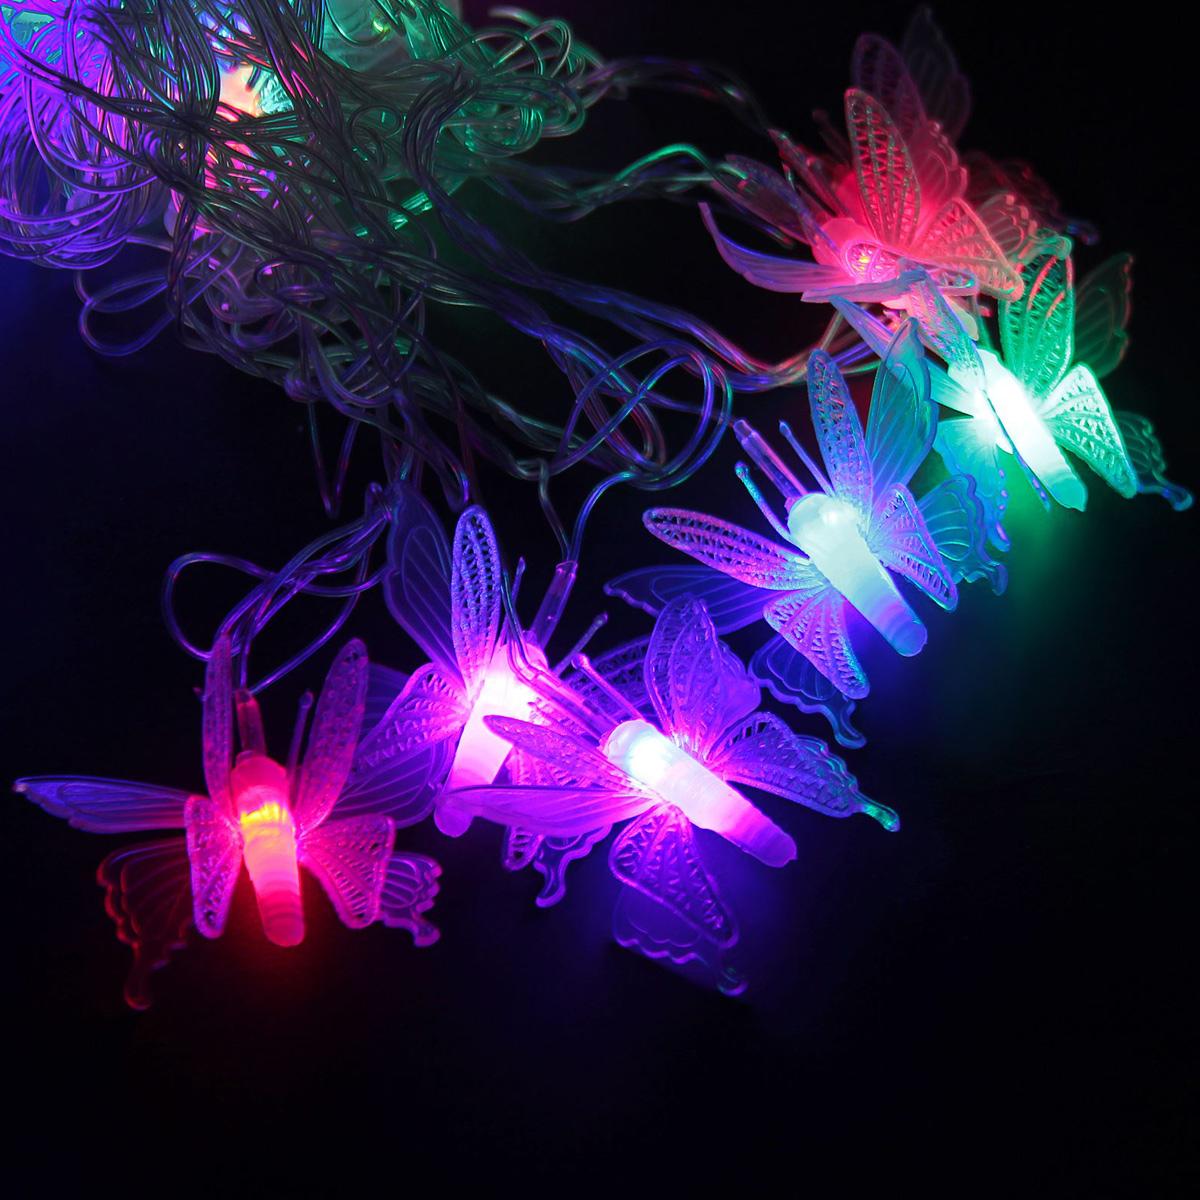 Гирлянда светодиодная Luazon Метраж. Бабочка малая, 20 ламп, 220 V, длина 5 м1080384Светодиодные гирлянды и ленты — это отличный вариант для новогоднего оформления интерьера или фасада. С их помощью помещение любого размера можно превратить в праздничный зал, а внешние элементы зданий, украшенные ими, мгновенно станут напоминать очертания сказочного дворца. Такие украшения создают ауру предвкушения чуда. Деревья, фасады, витрины, окна и арки будто специально созданы, чтобы вы украсили их светящимися нитями.